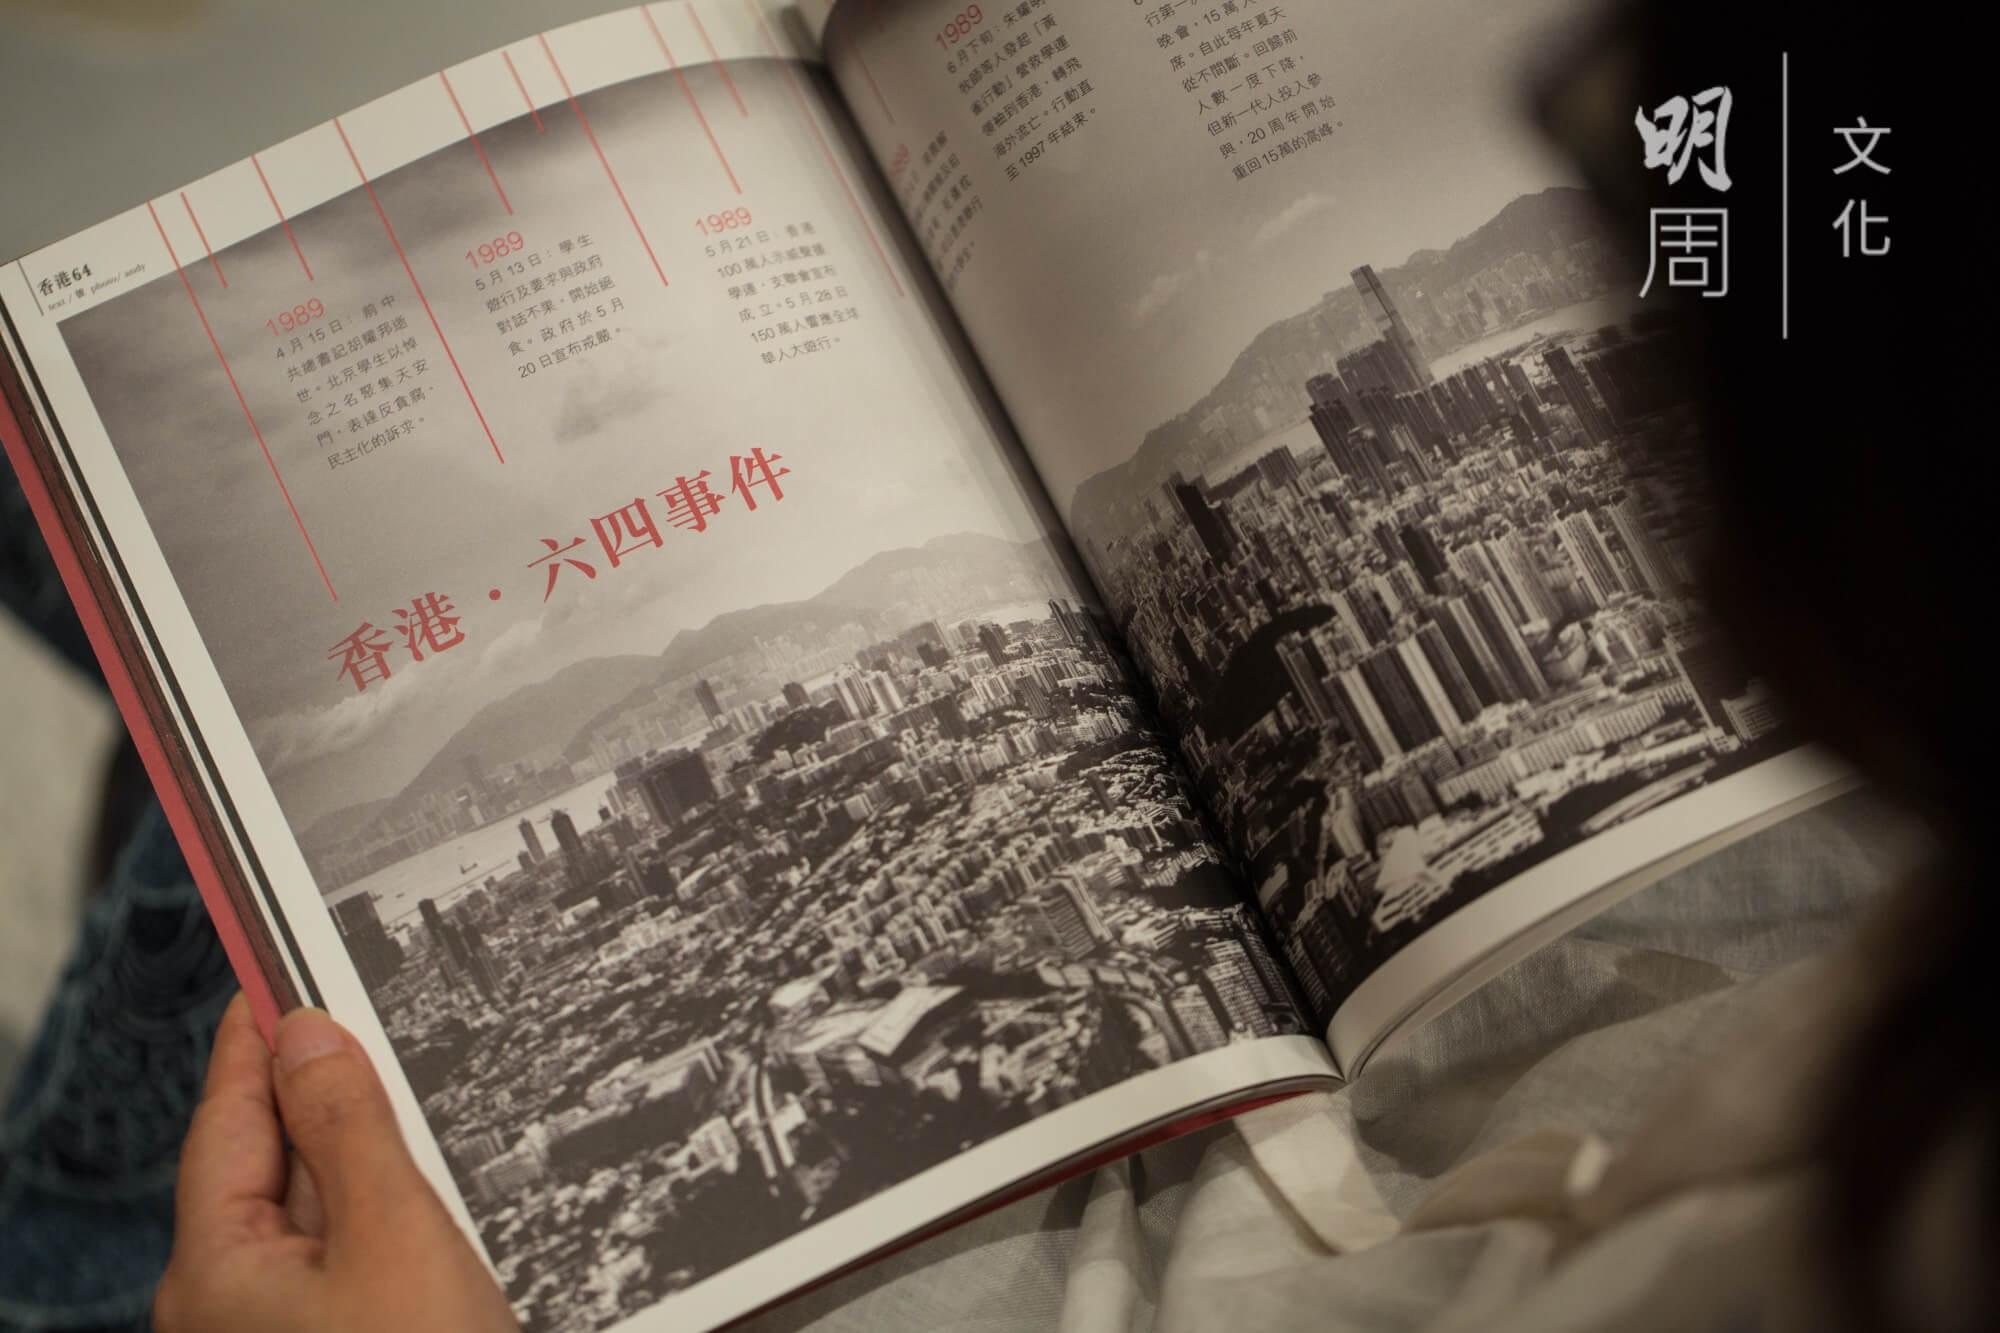 山地指出六四事件是許多人心中的傷口,因此曾以「殤痕」為題,藉台灣二二八及柬埔寨赤柬時期作借鑑,探究平反六四的本質和意義。